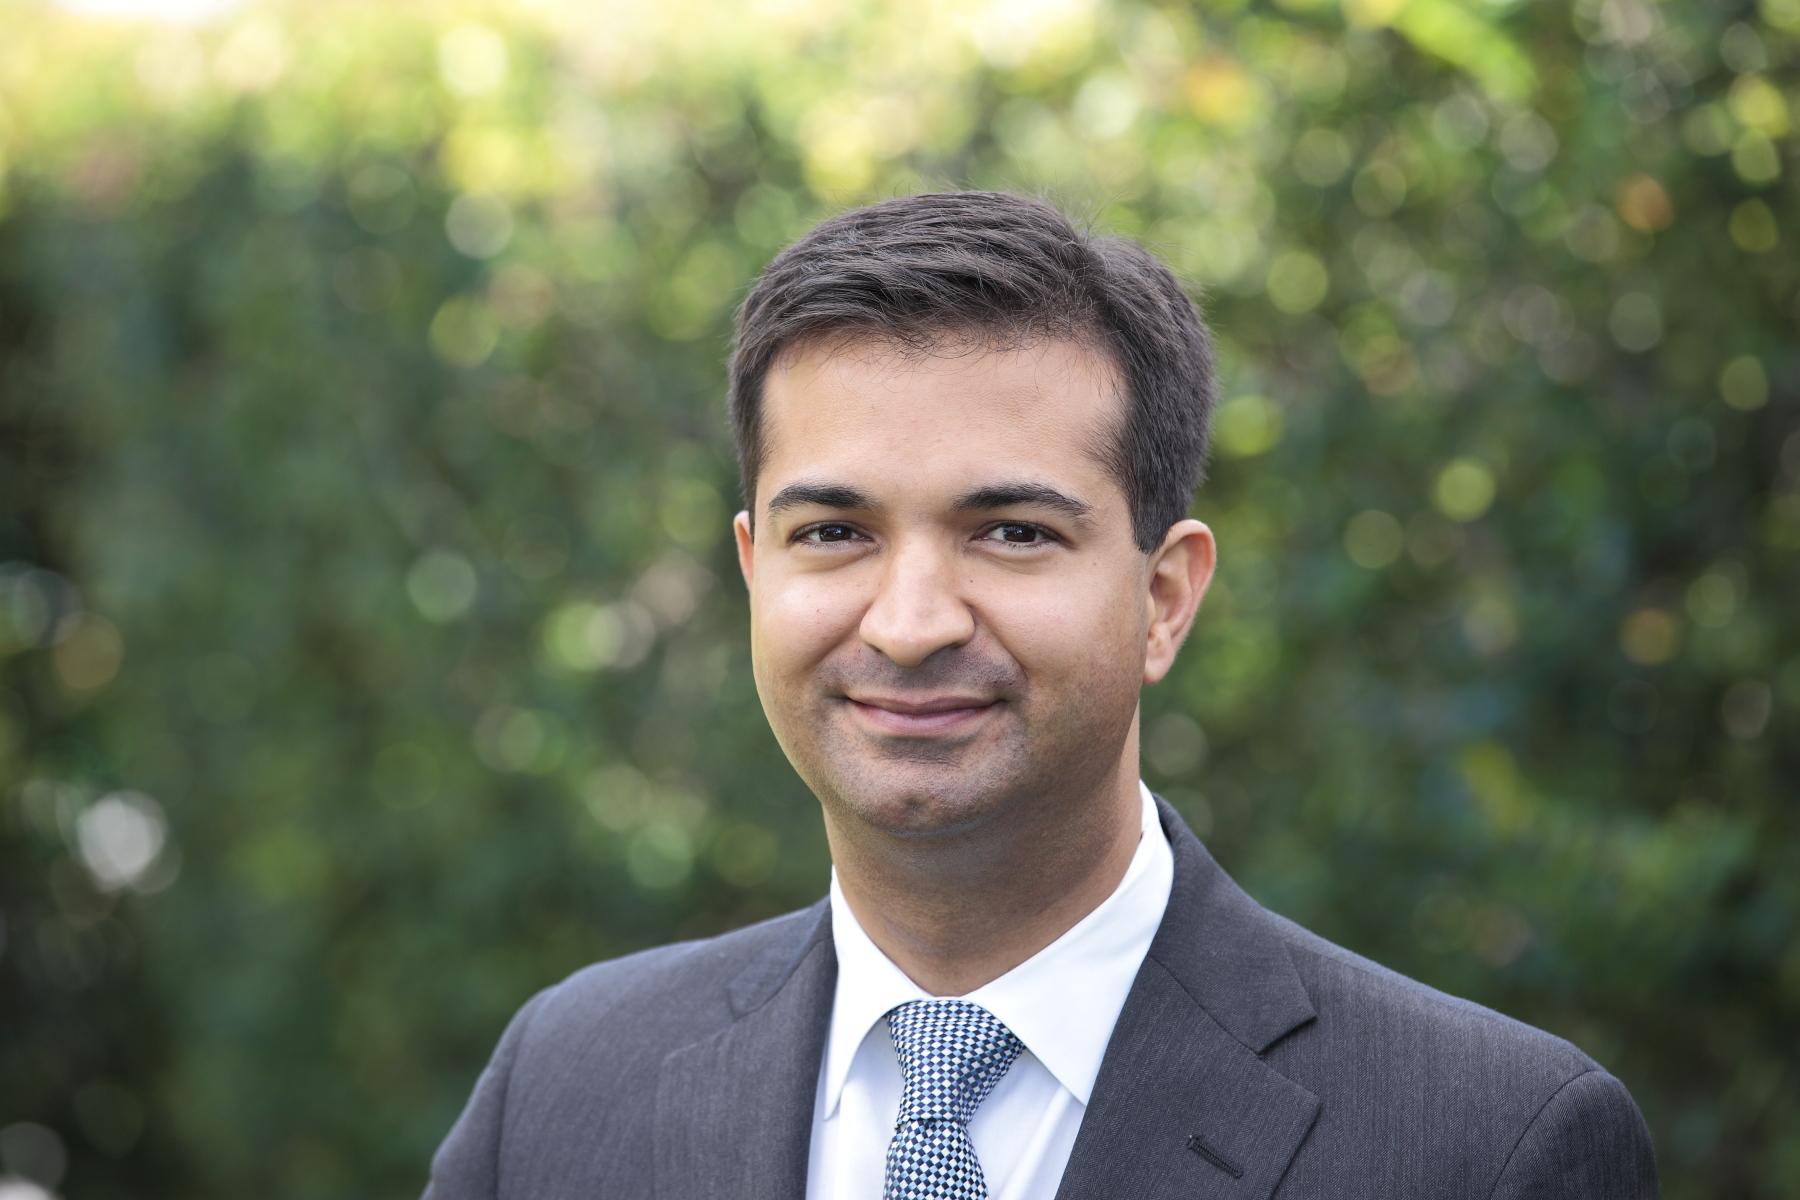 Congressman Carlos Curbelo